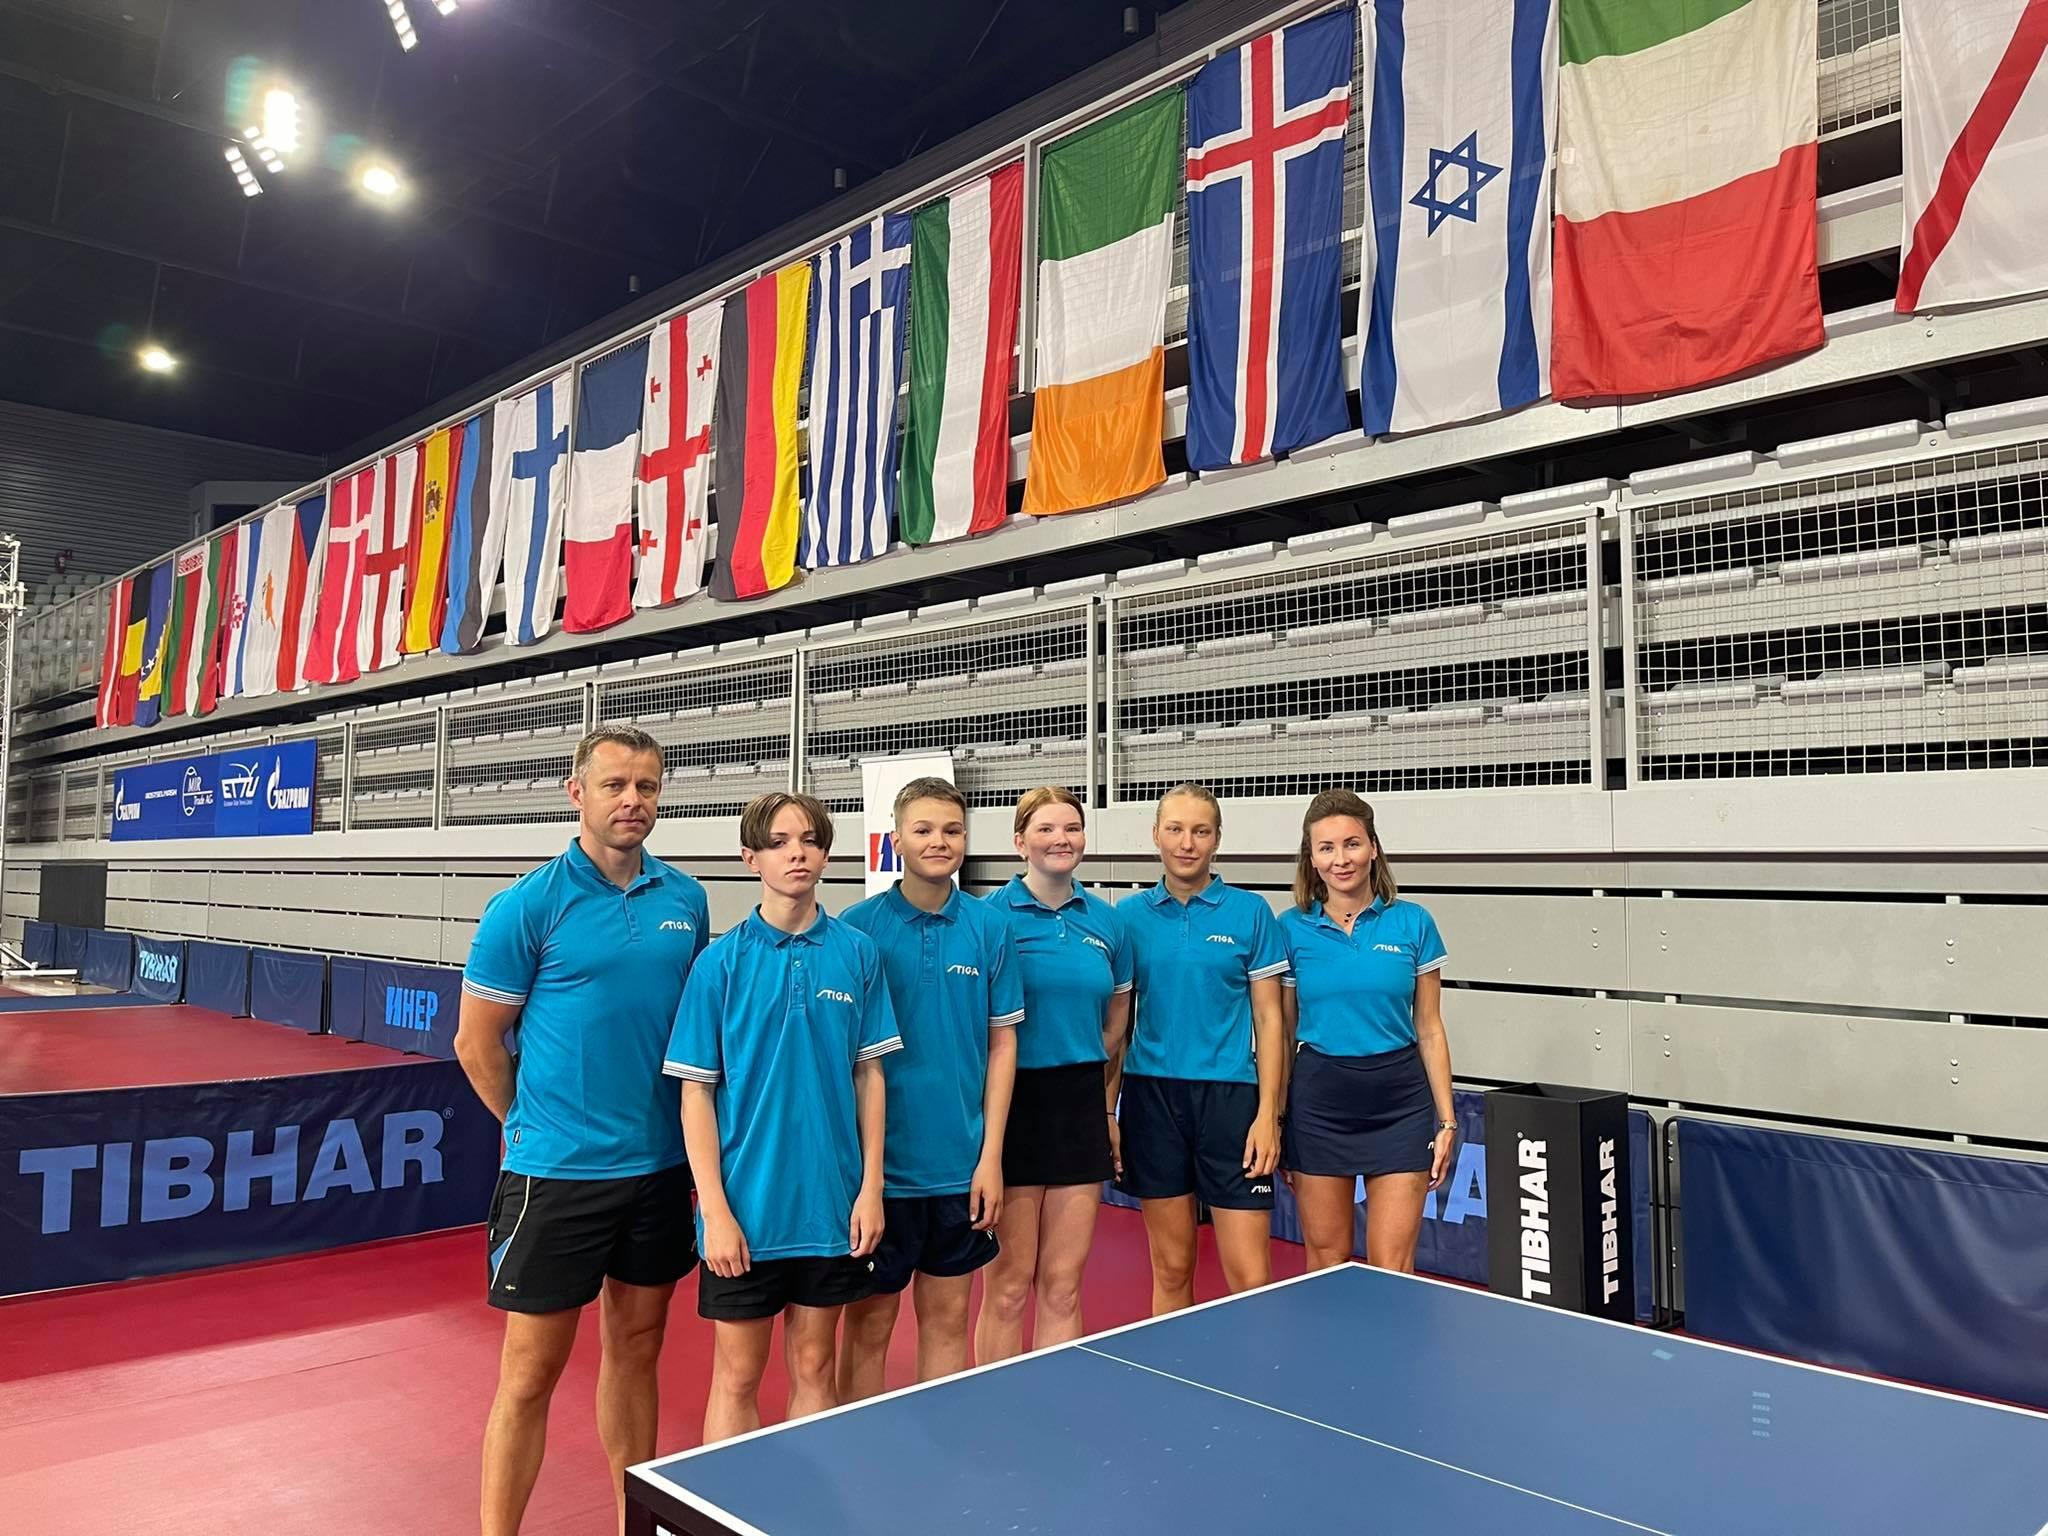 Euroopa Noorte Meistrivõistlused on lõppenud ka kadettidele